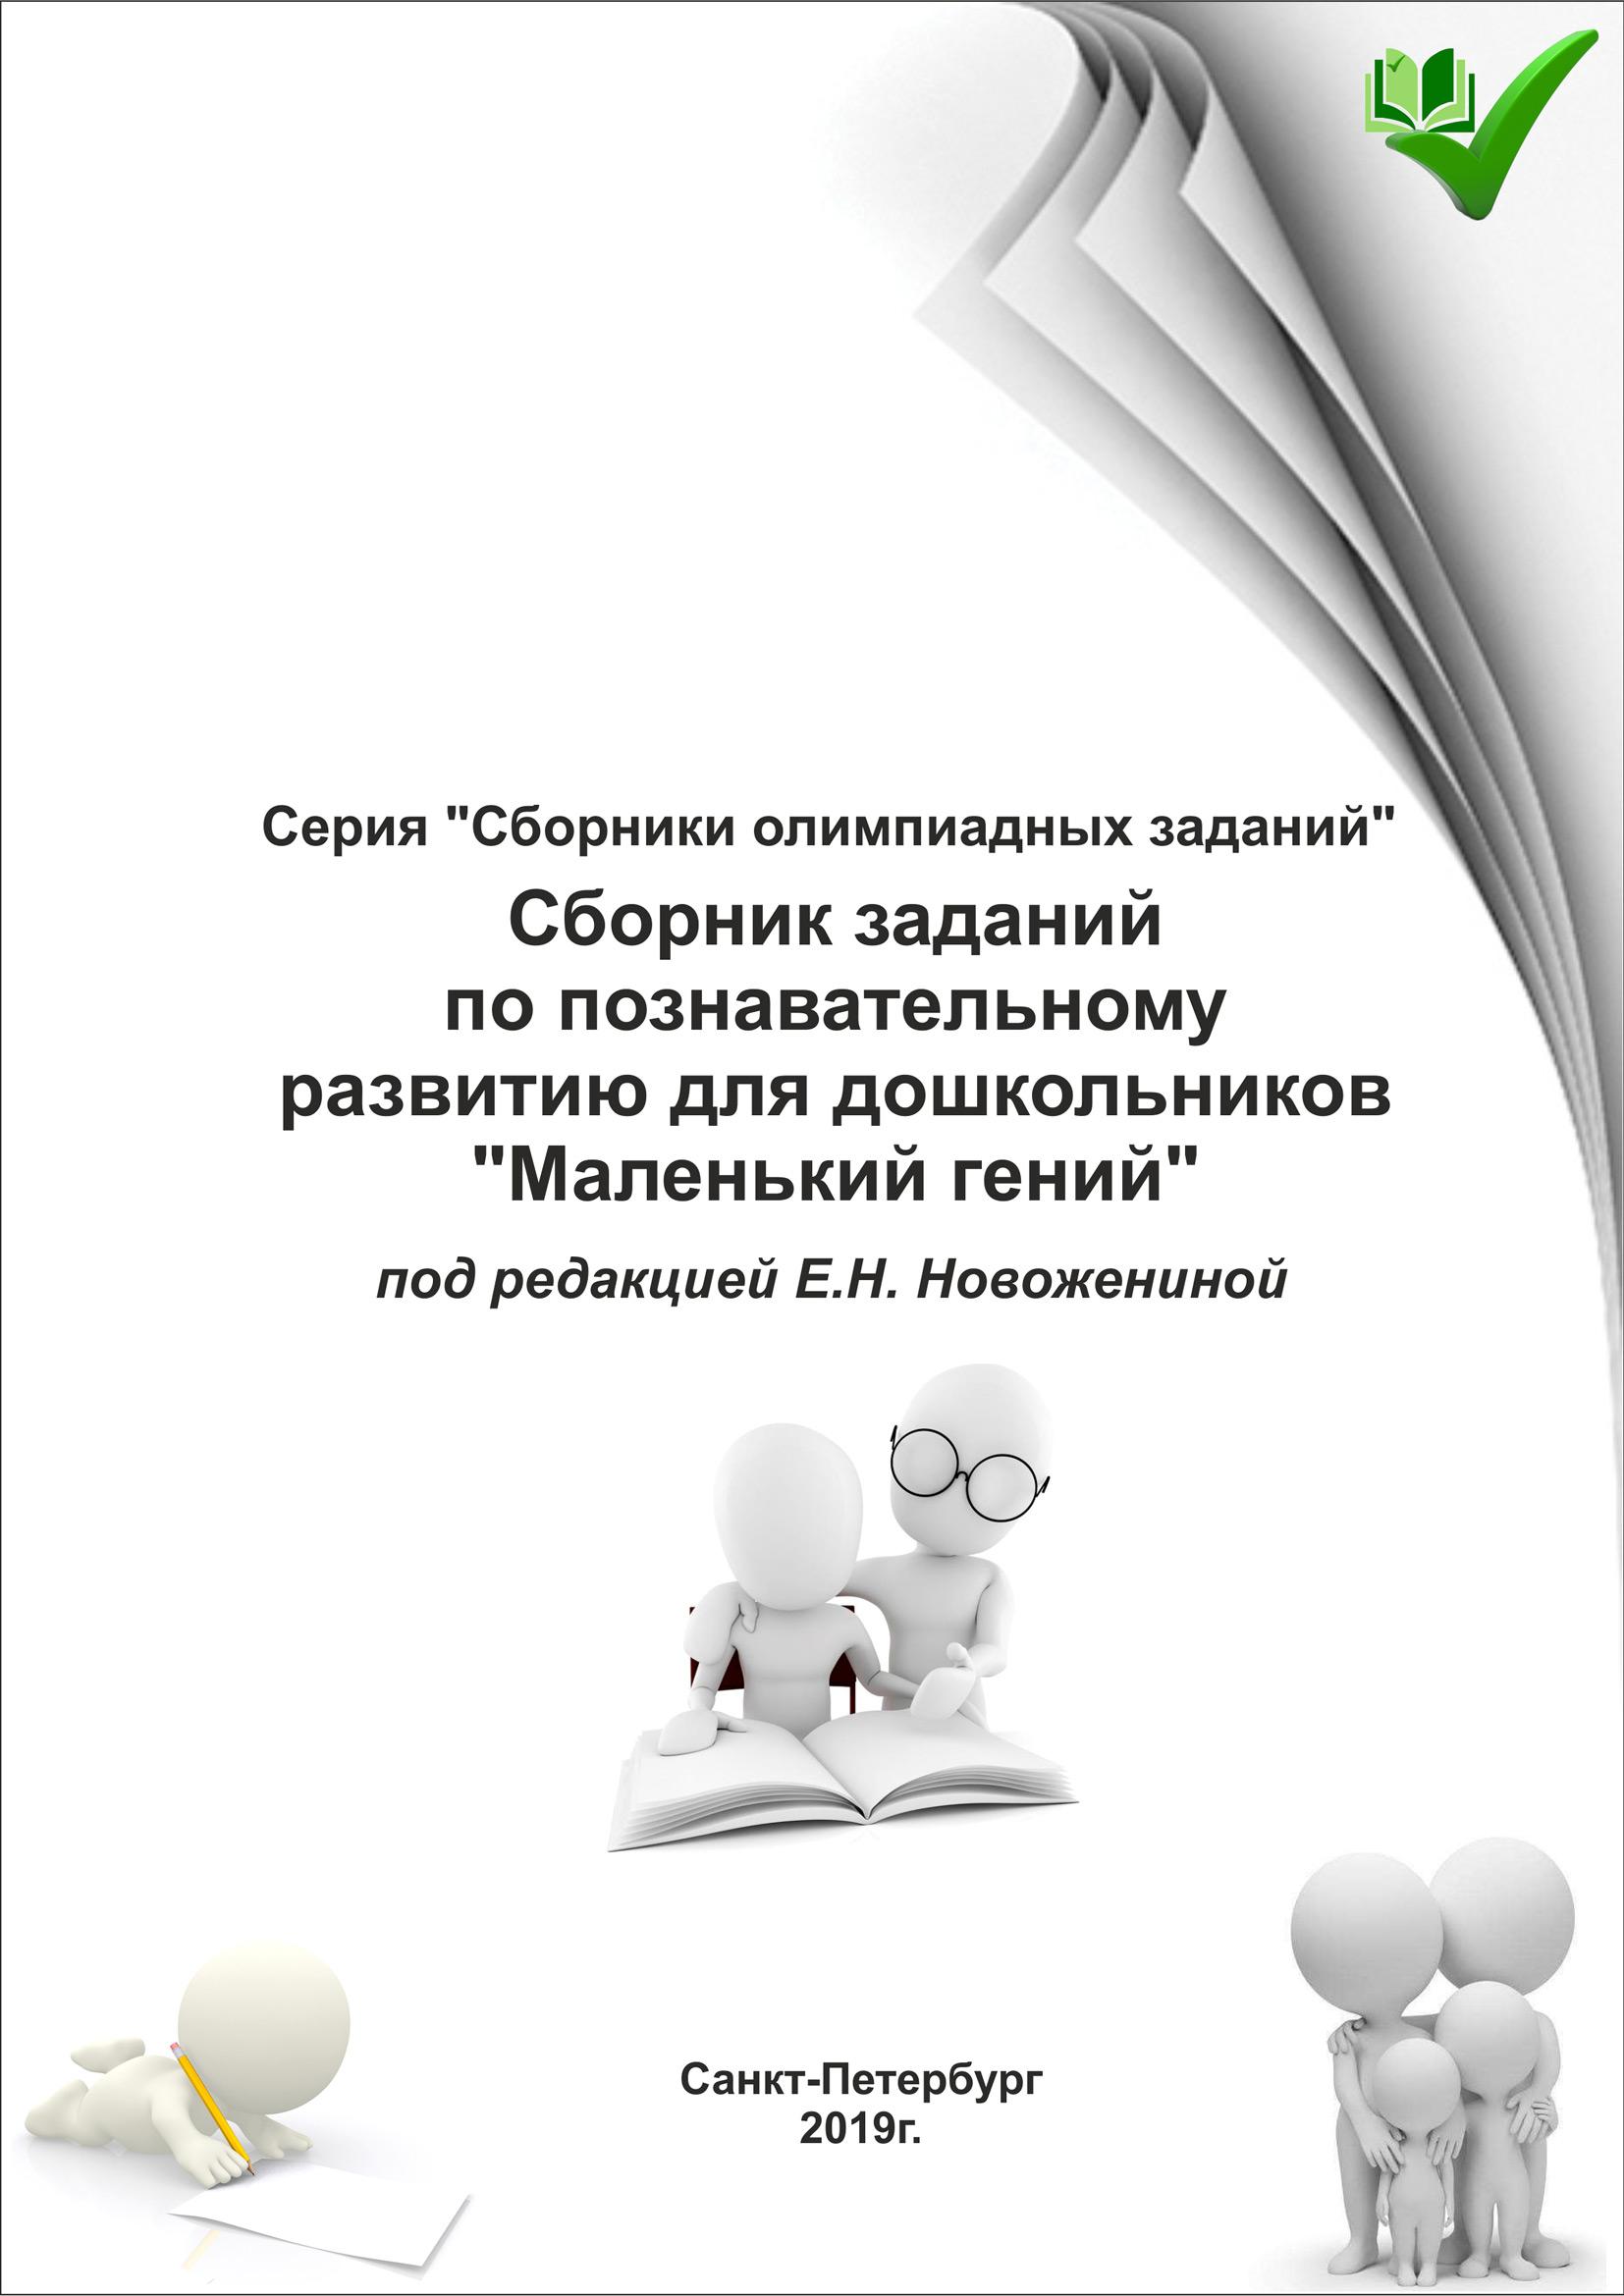 Сборник заданий по познавательному развитию для дошкольников «Маленький гений»